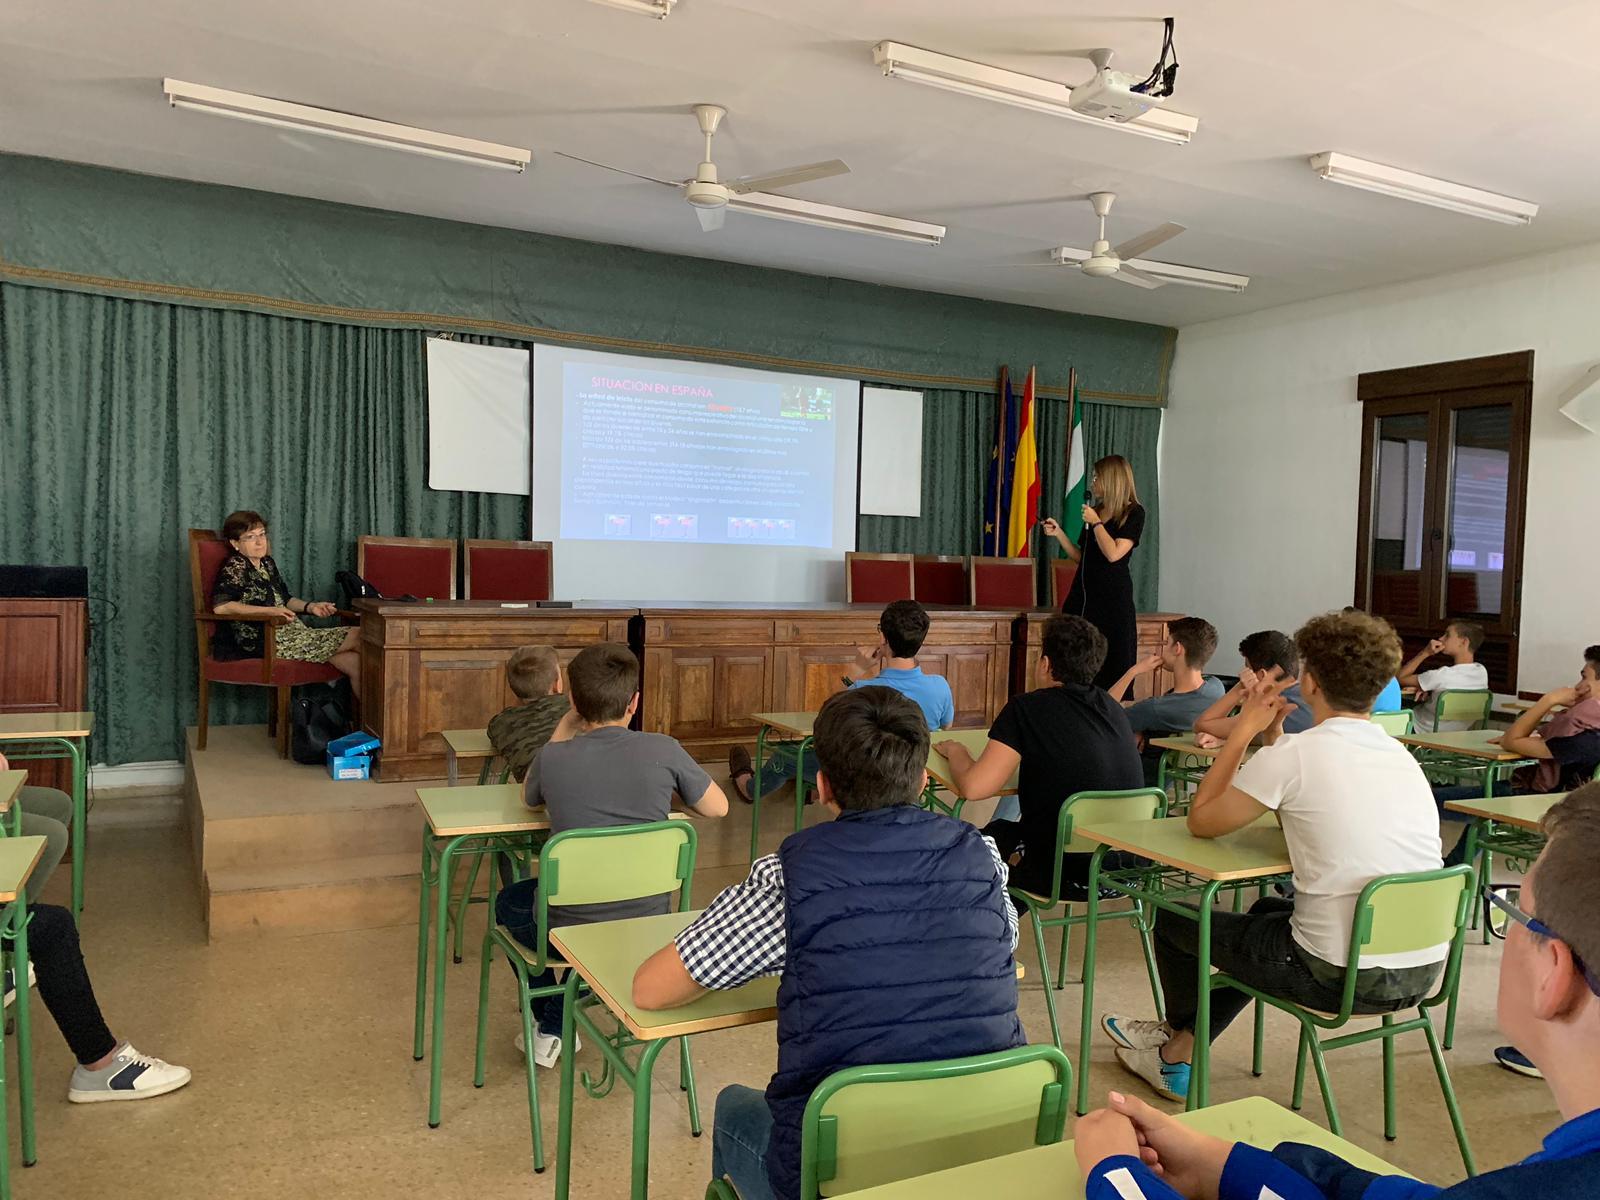 Alumnos de la ESO asisten a una sesión sobre prevención del tabaquismo, consumo de alcohol y otras drogas